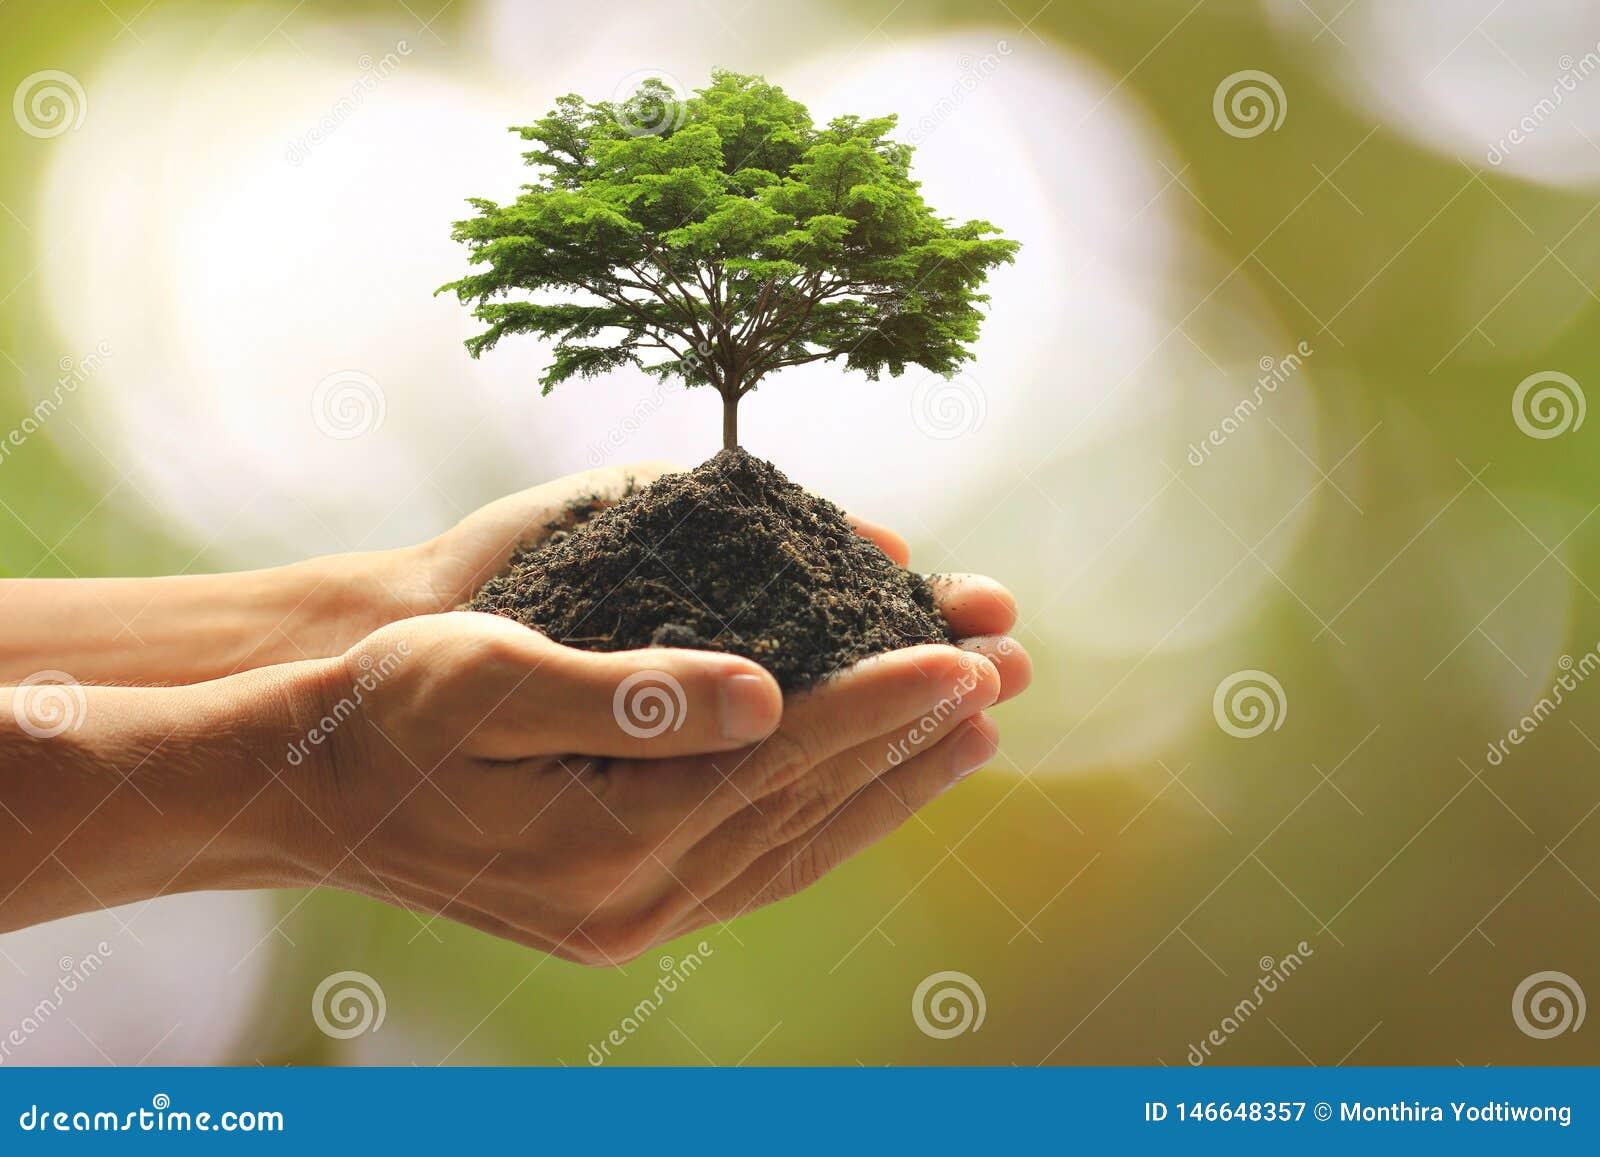 在手中拿着绿色植物的人的关闭